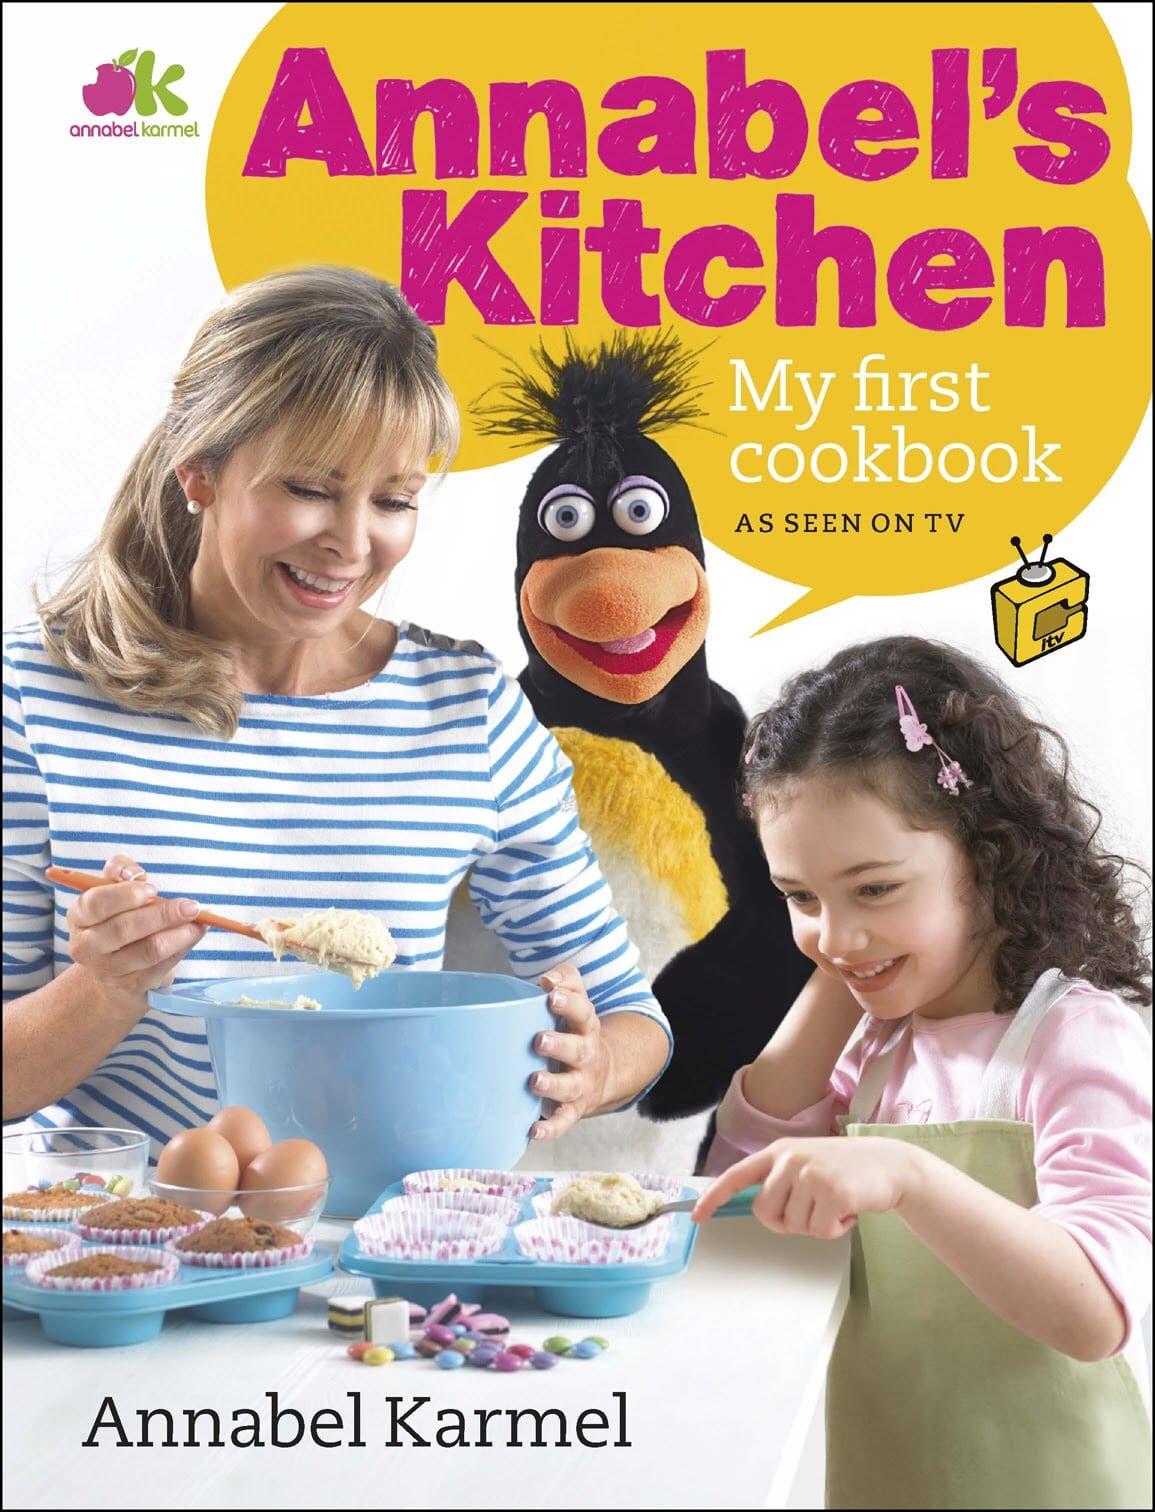 Book Review – Annabel Karmel – Annabel's Kitchen